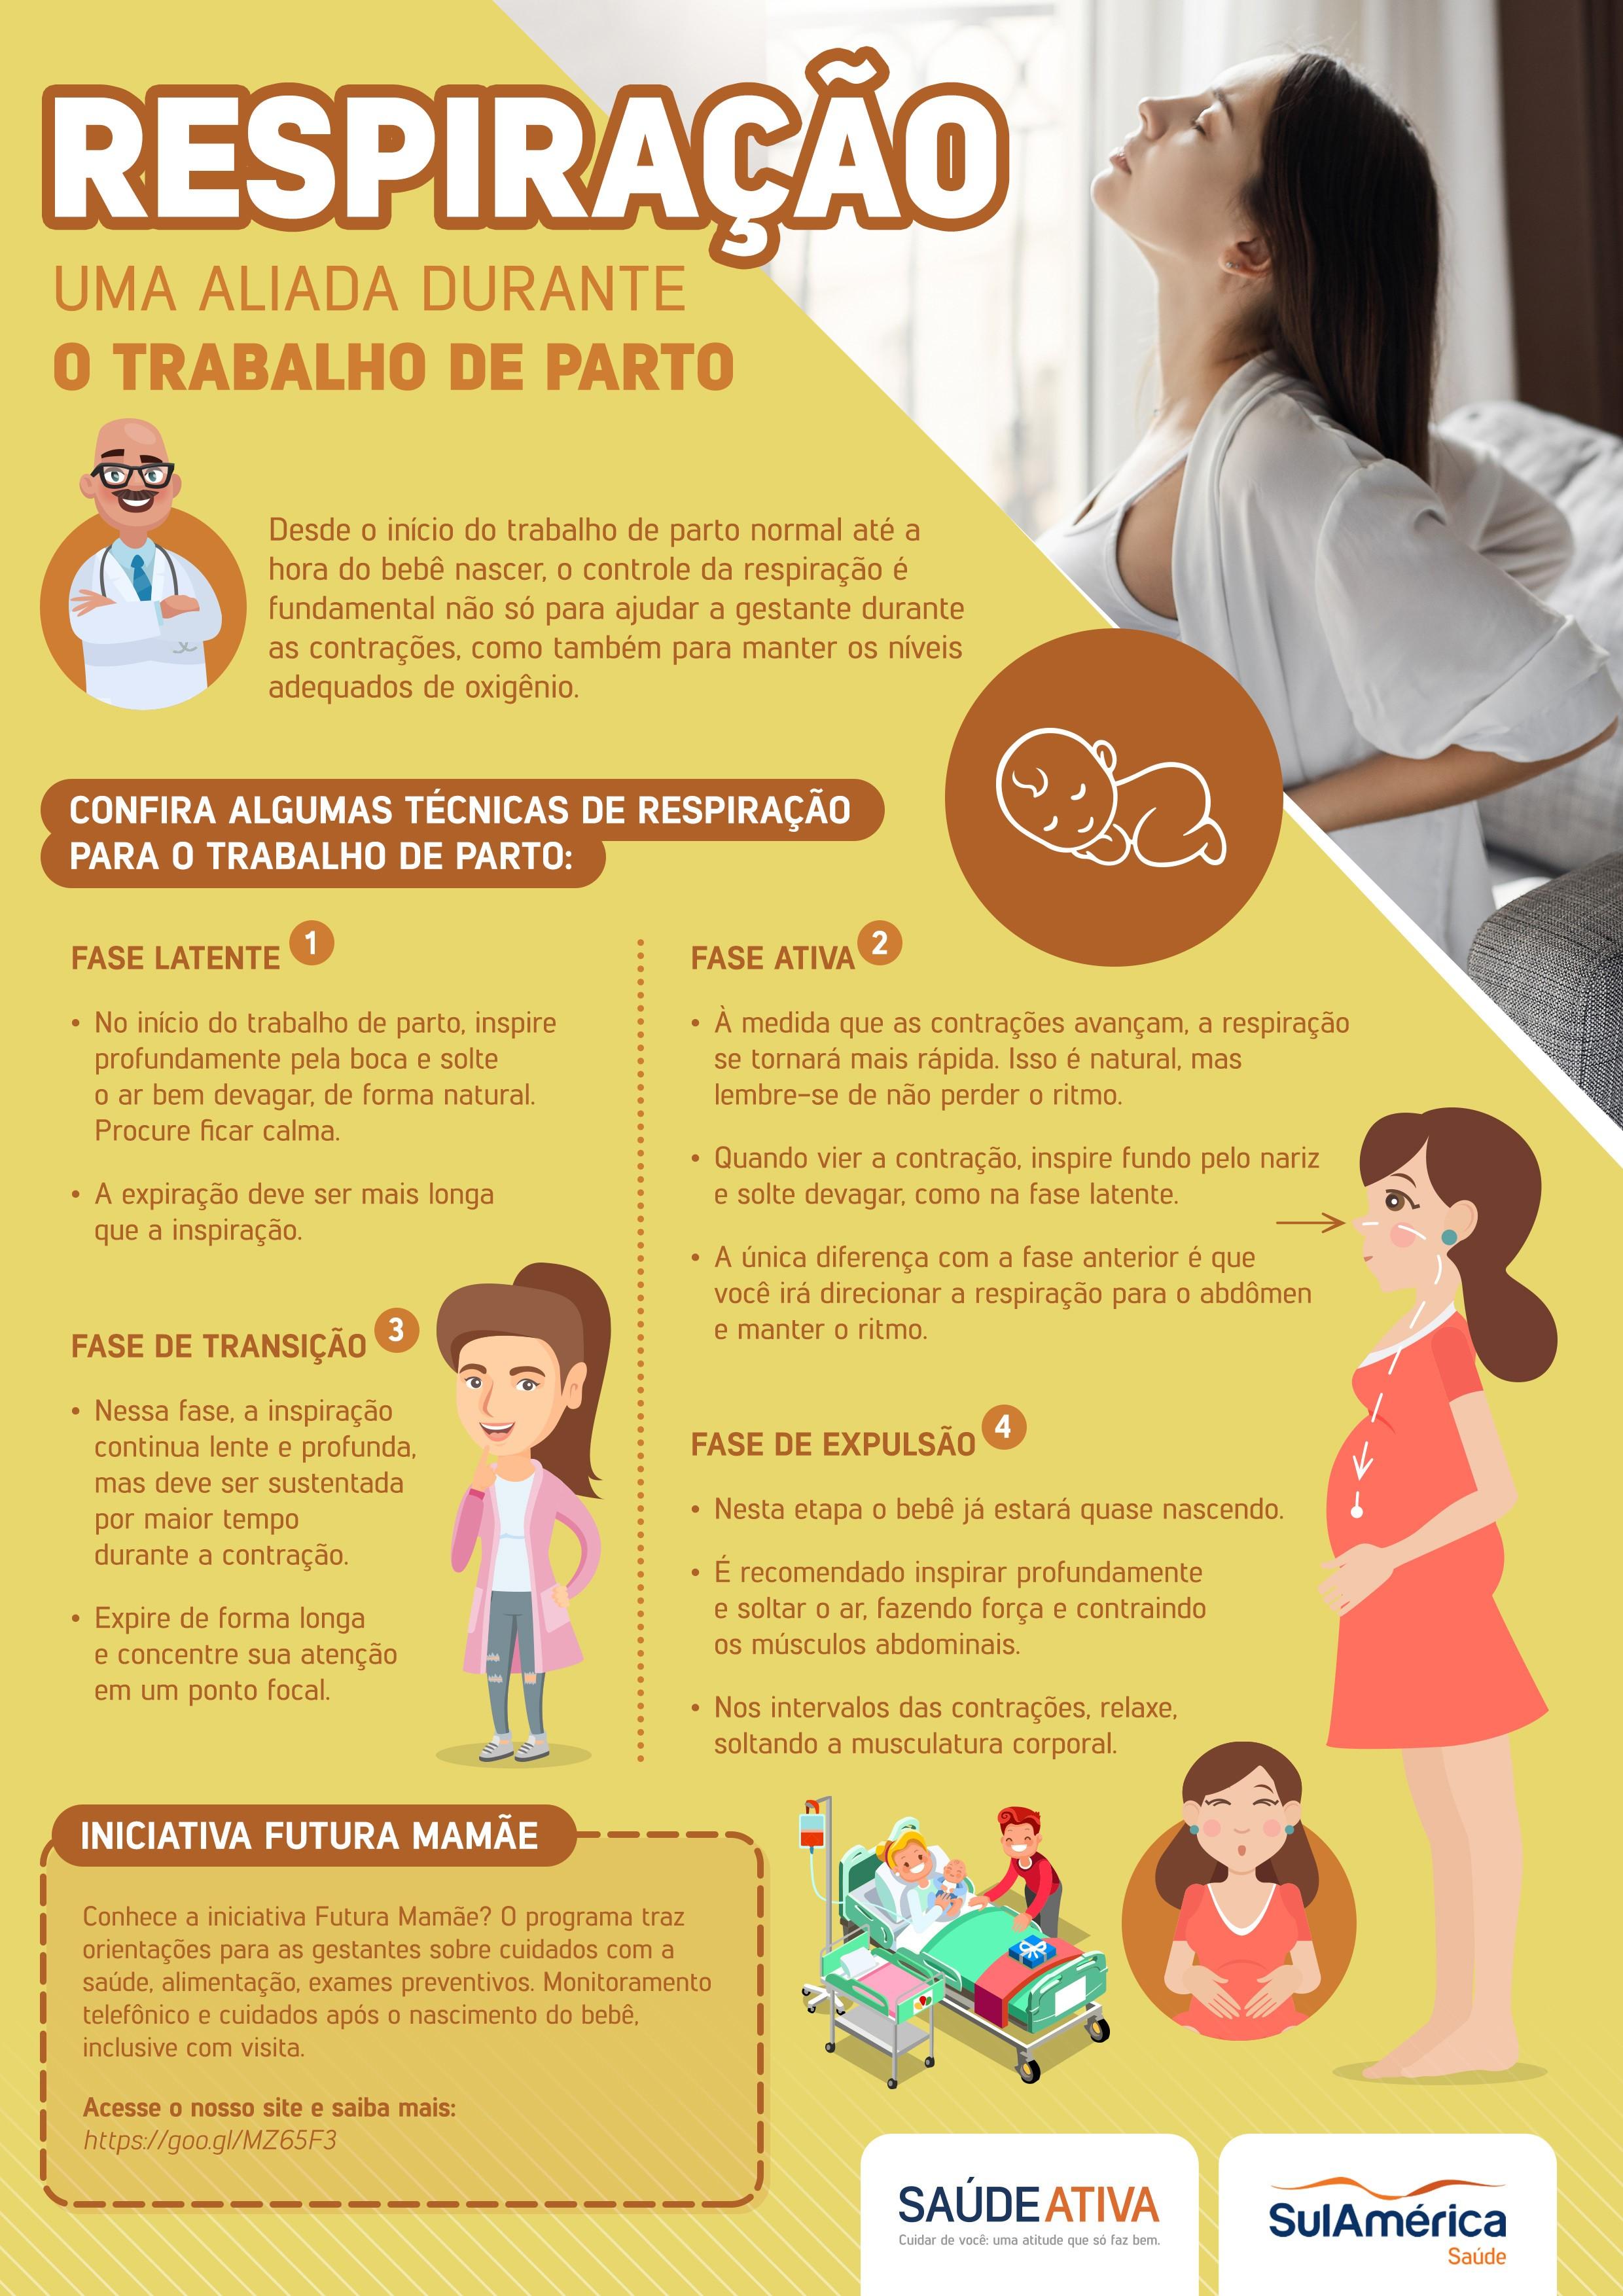 Info_SulAmerica_Respiracao_REV